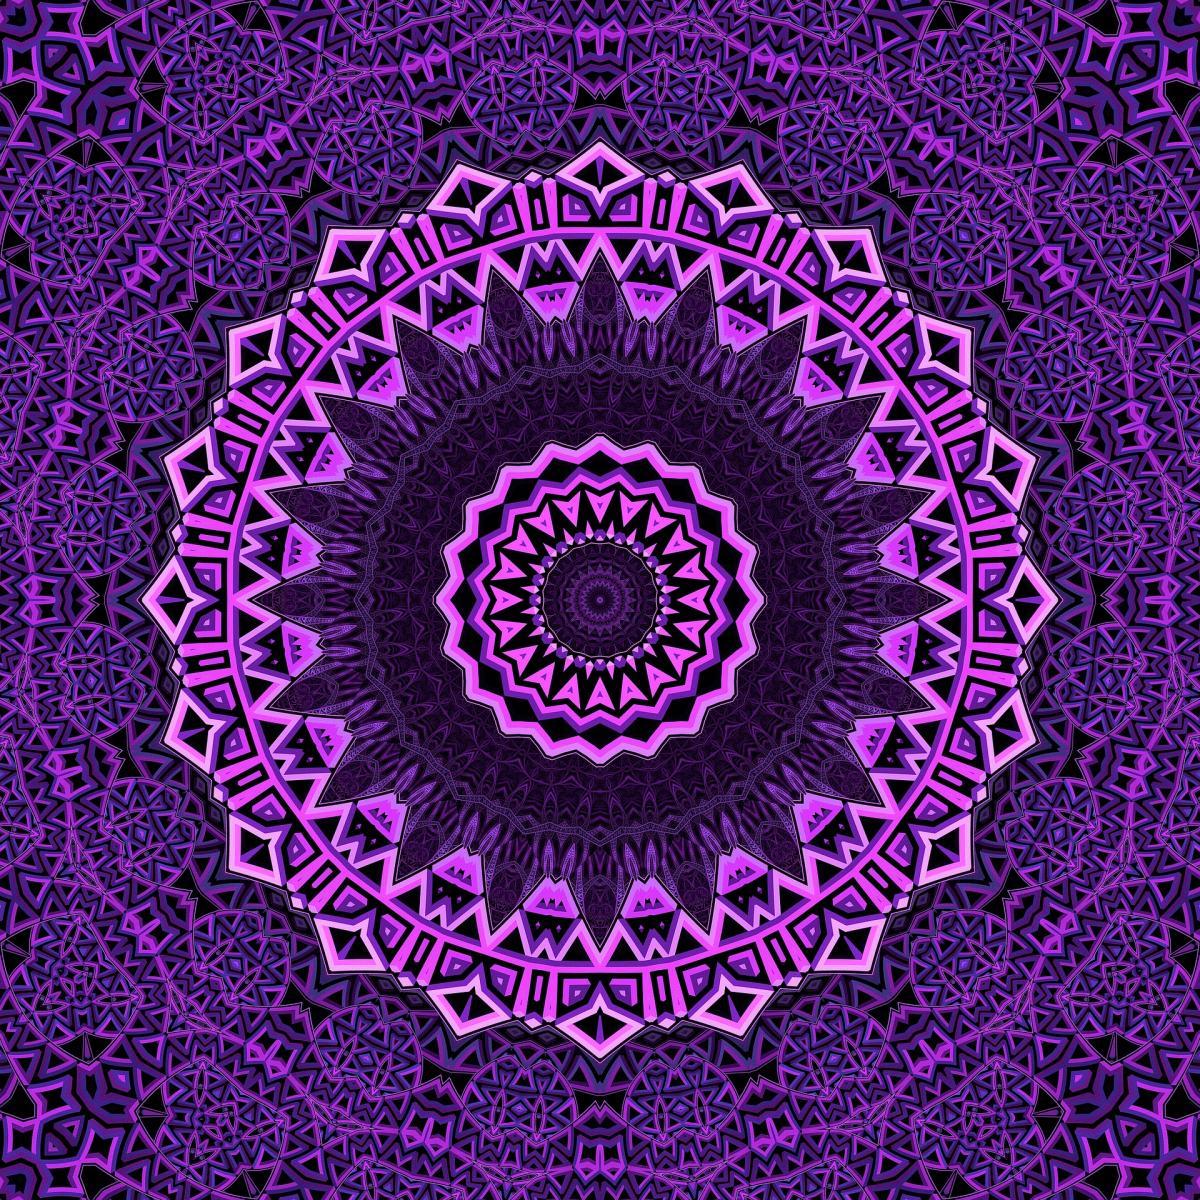 Cymatique, images des sons émis par la voix humaine